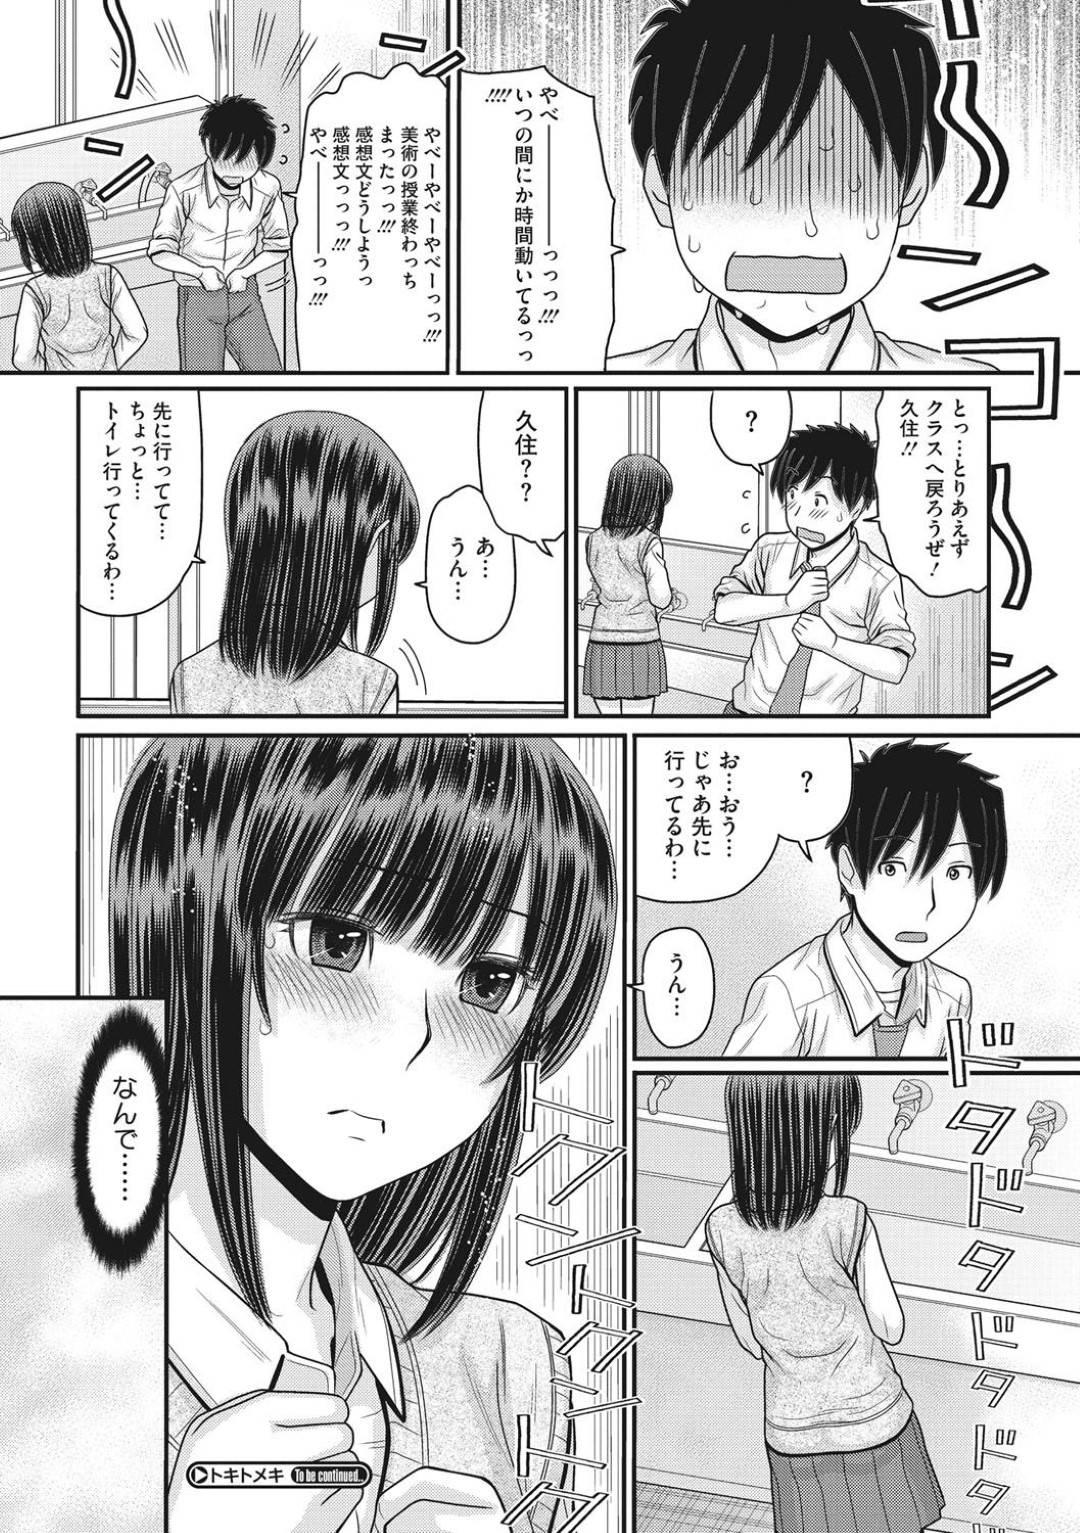 【エロ漫画】時間停止スイッチを手に入れた清楚系JK…スイッチを悪用するようになった彼女は時間を止めて授業中に同級生の主人公の机の下に忍び込んでフェラしたり、廊下で彼とセックスしたりと好き放題にする。【田中エキス:トキトメキ 第3話】